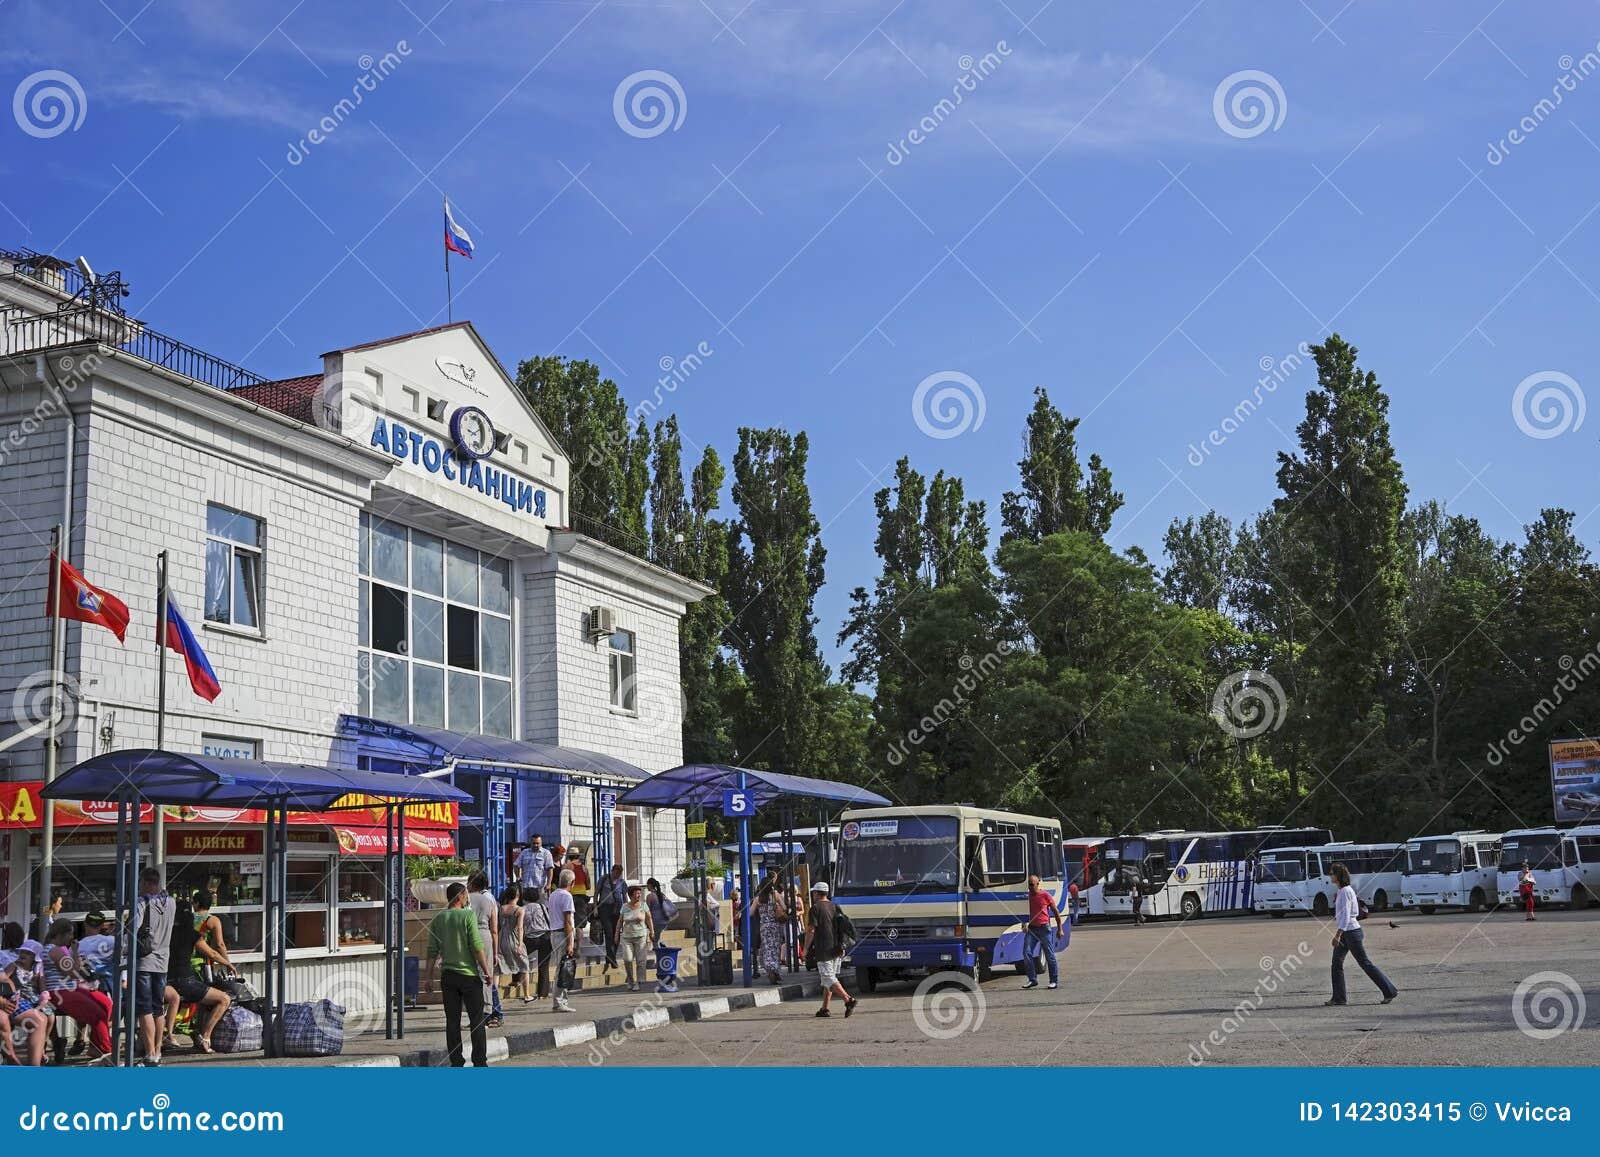 Paysage urbain avec vue sur le bâtiment de la station de voiture